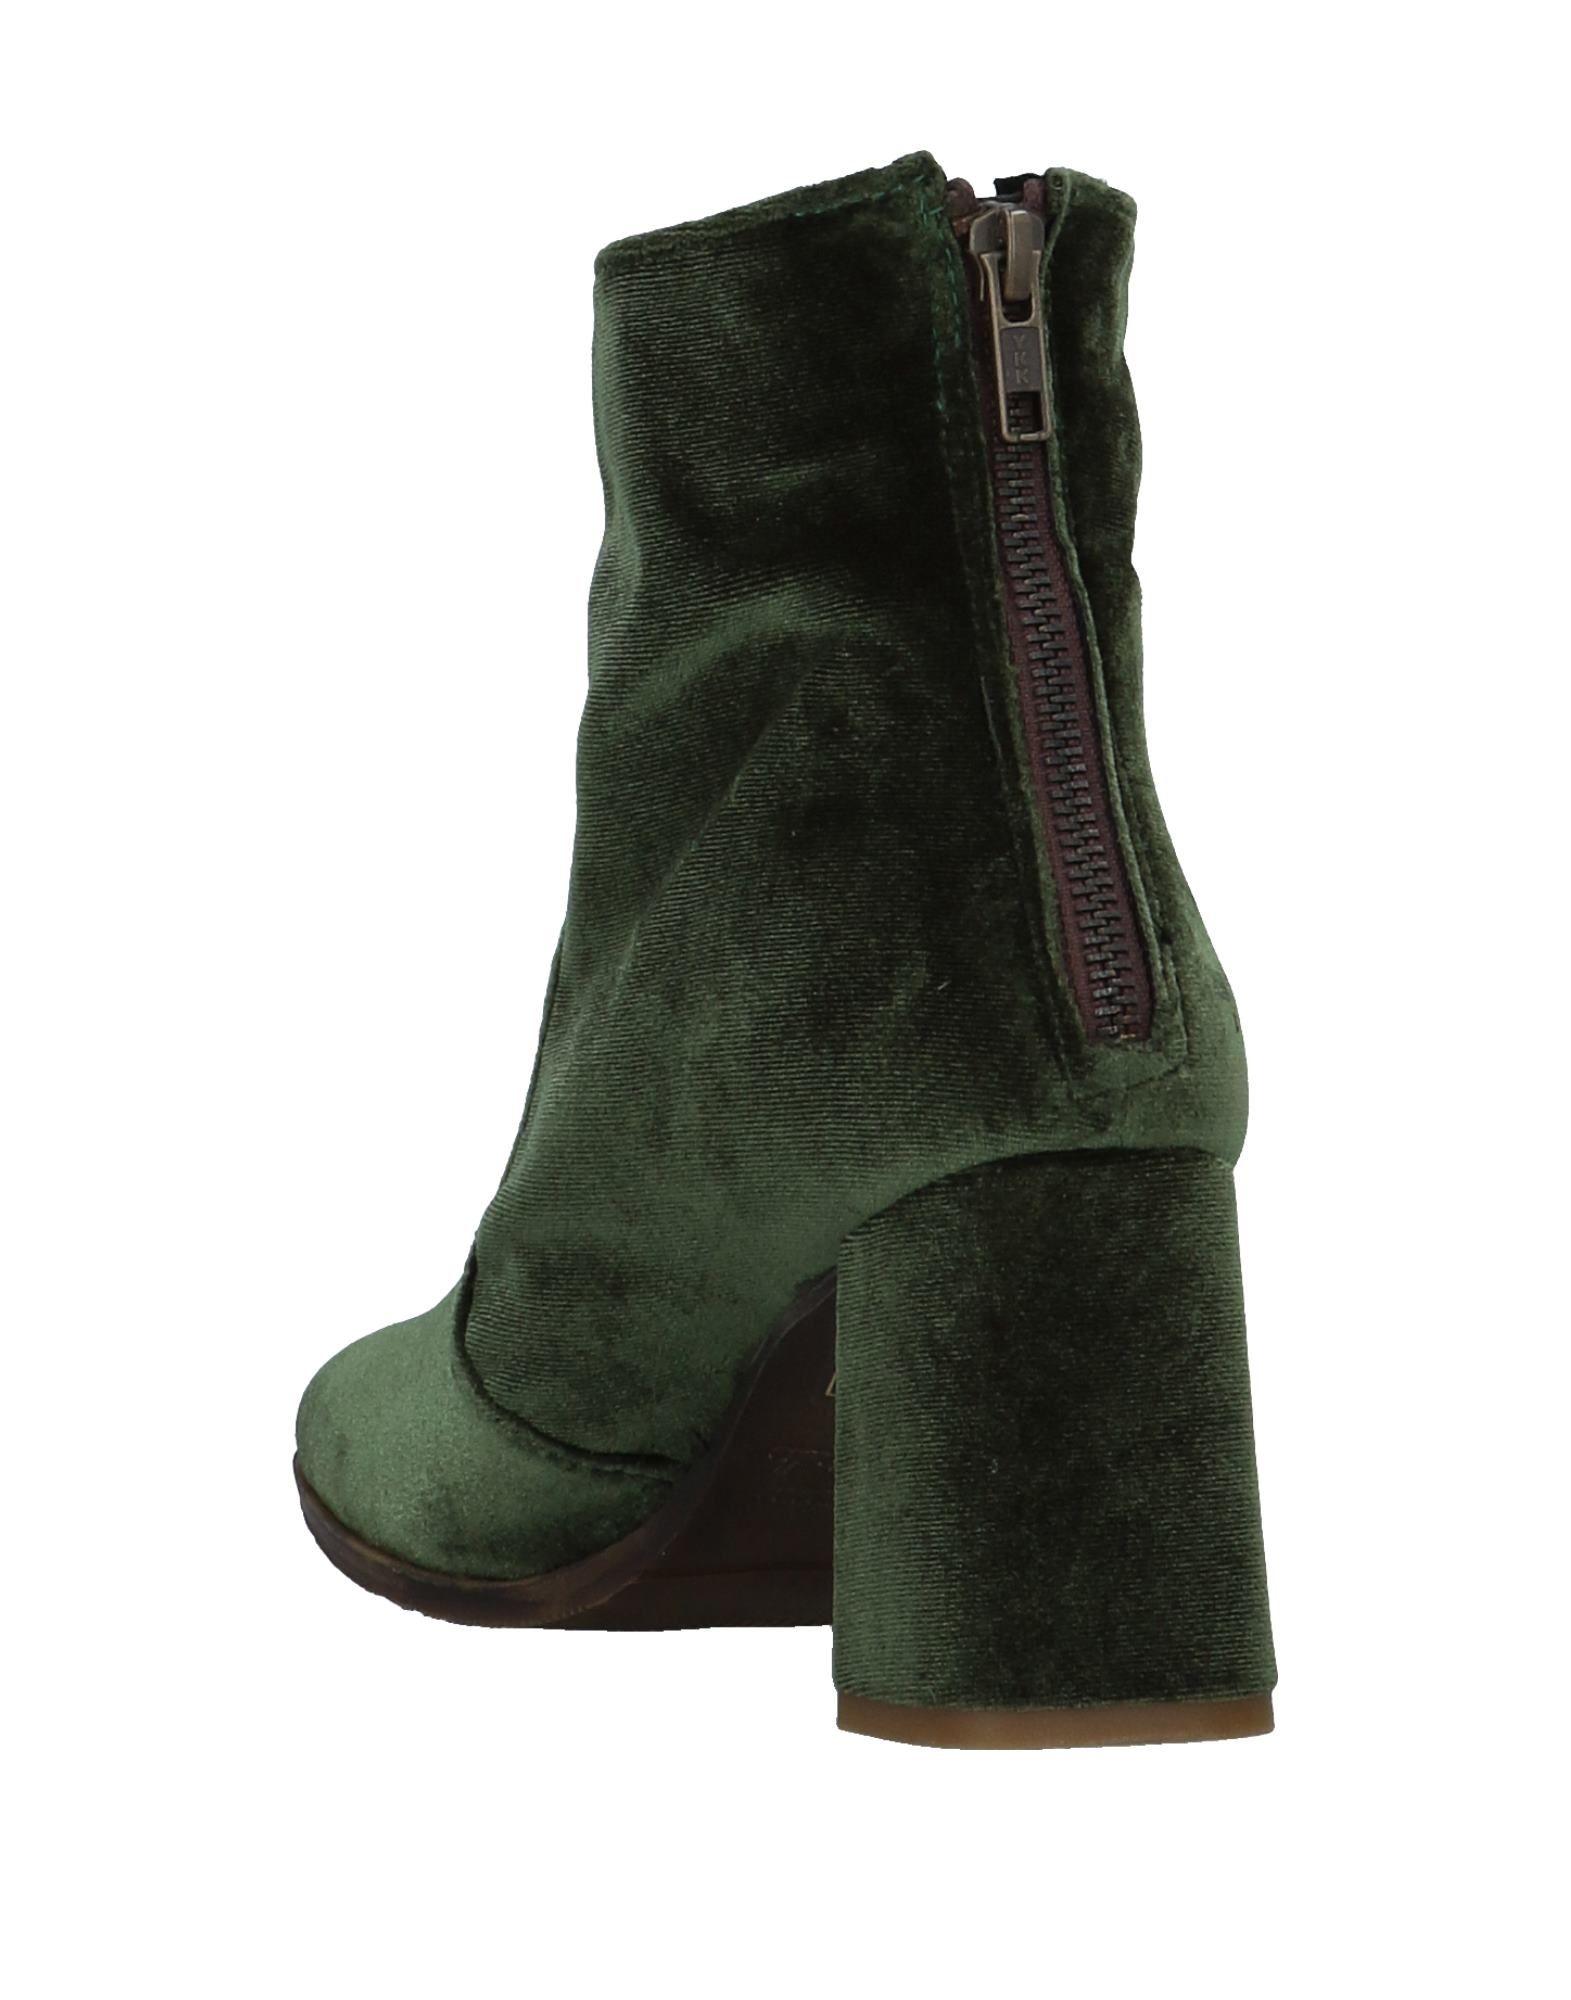 Poesie Veneziane Stiefelette Qualität Damen  11521753TD Gute Qualität Stiefelette beliebte Schuhe 556c32